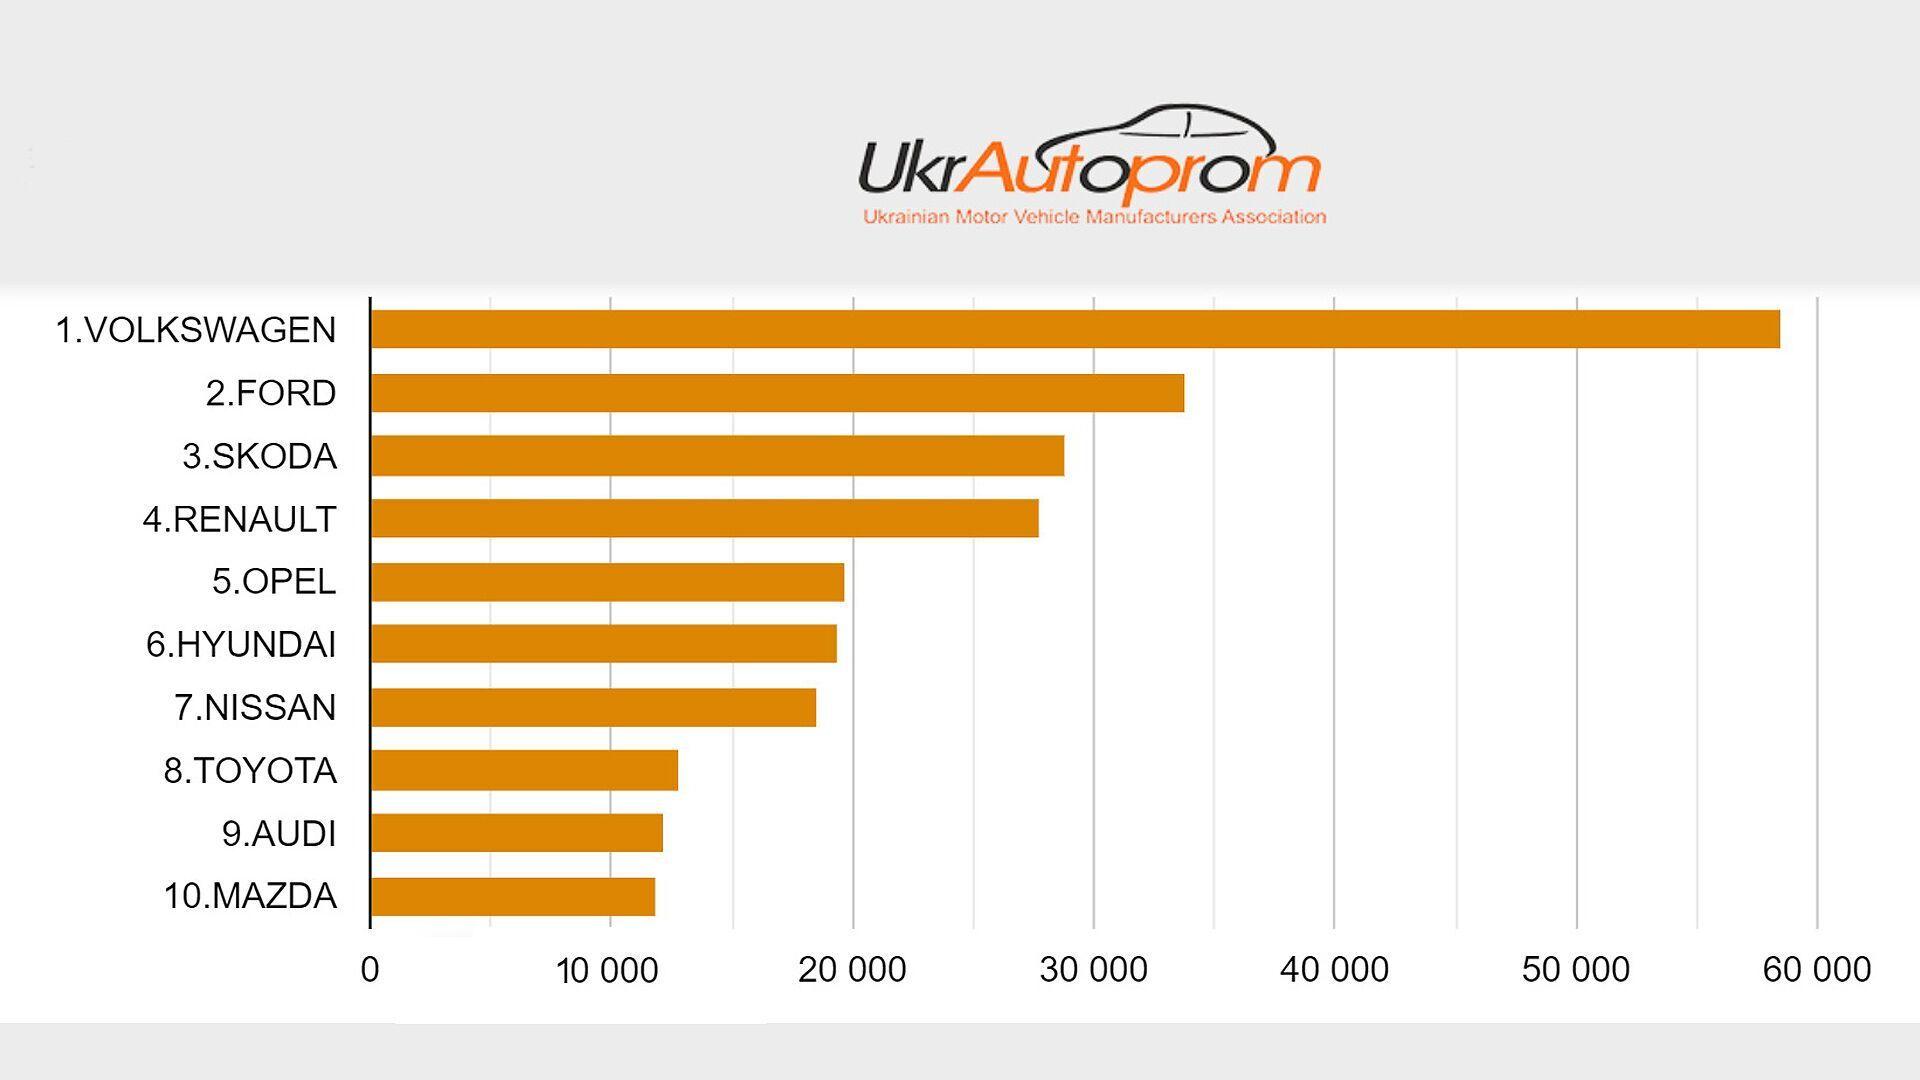 Топ-10 найбільш популярних марок автомобілів, зареєстрованих в Україні у 2020 році